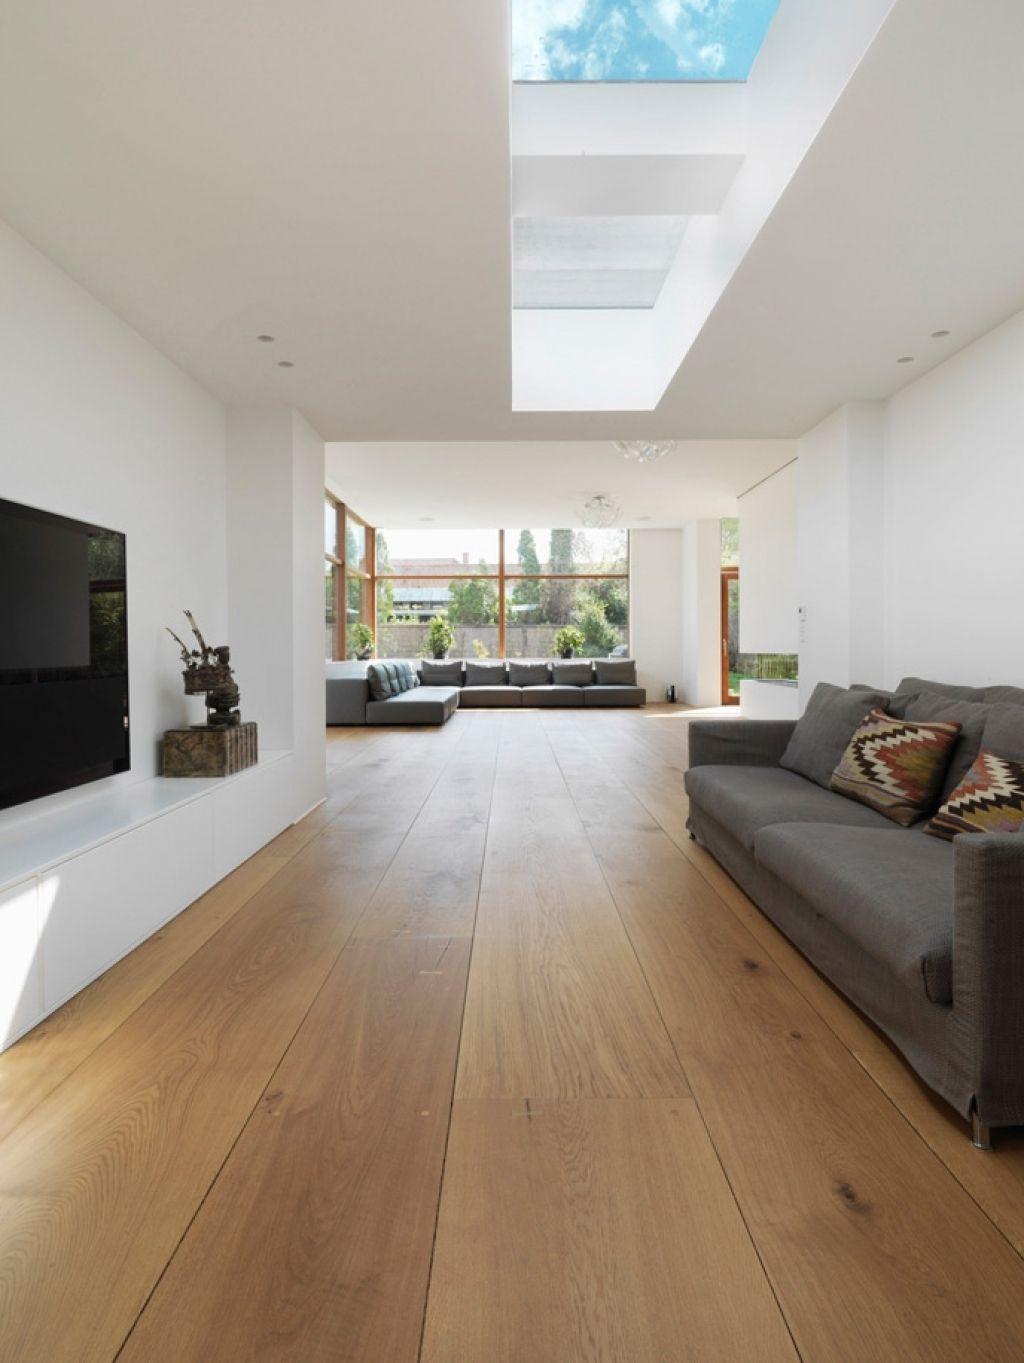 Modernes Wohnzimmer Mit Kamin Kamin Immobilien Ab 1 Mio Euro Modernes  Wohnzimmer Mit Kamin